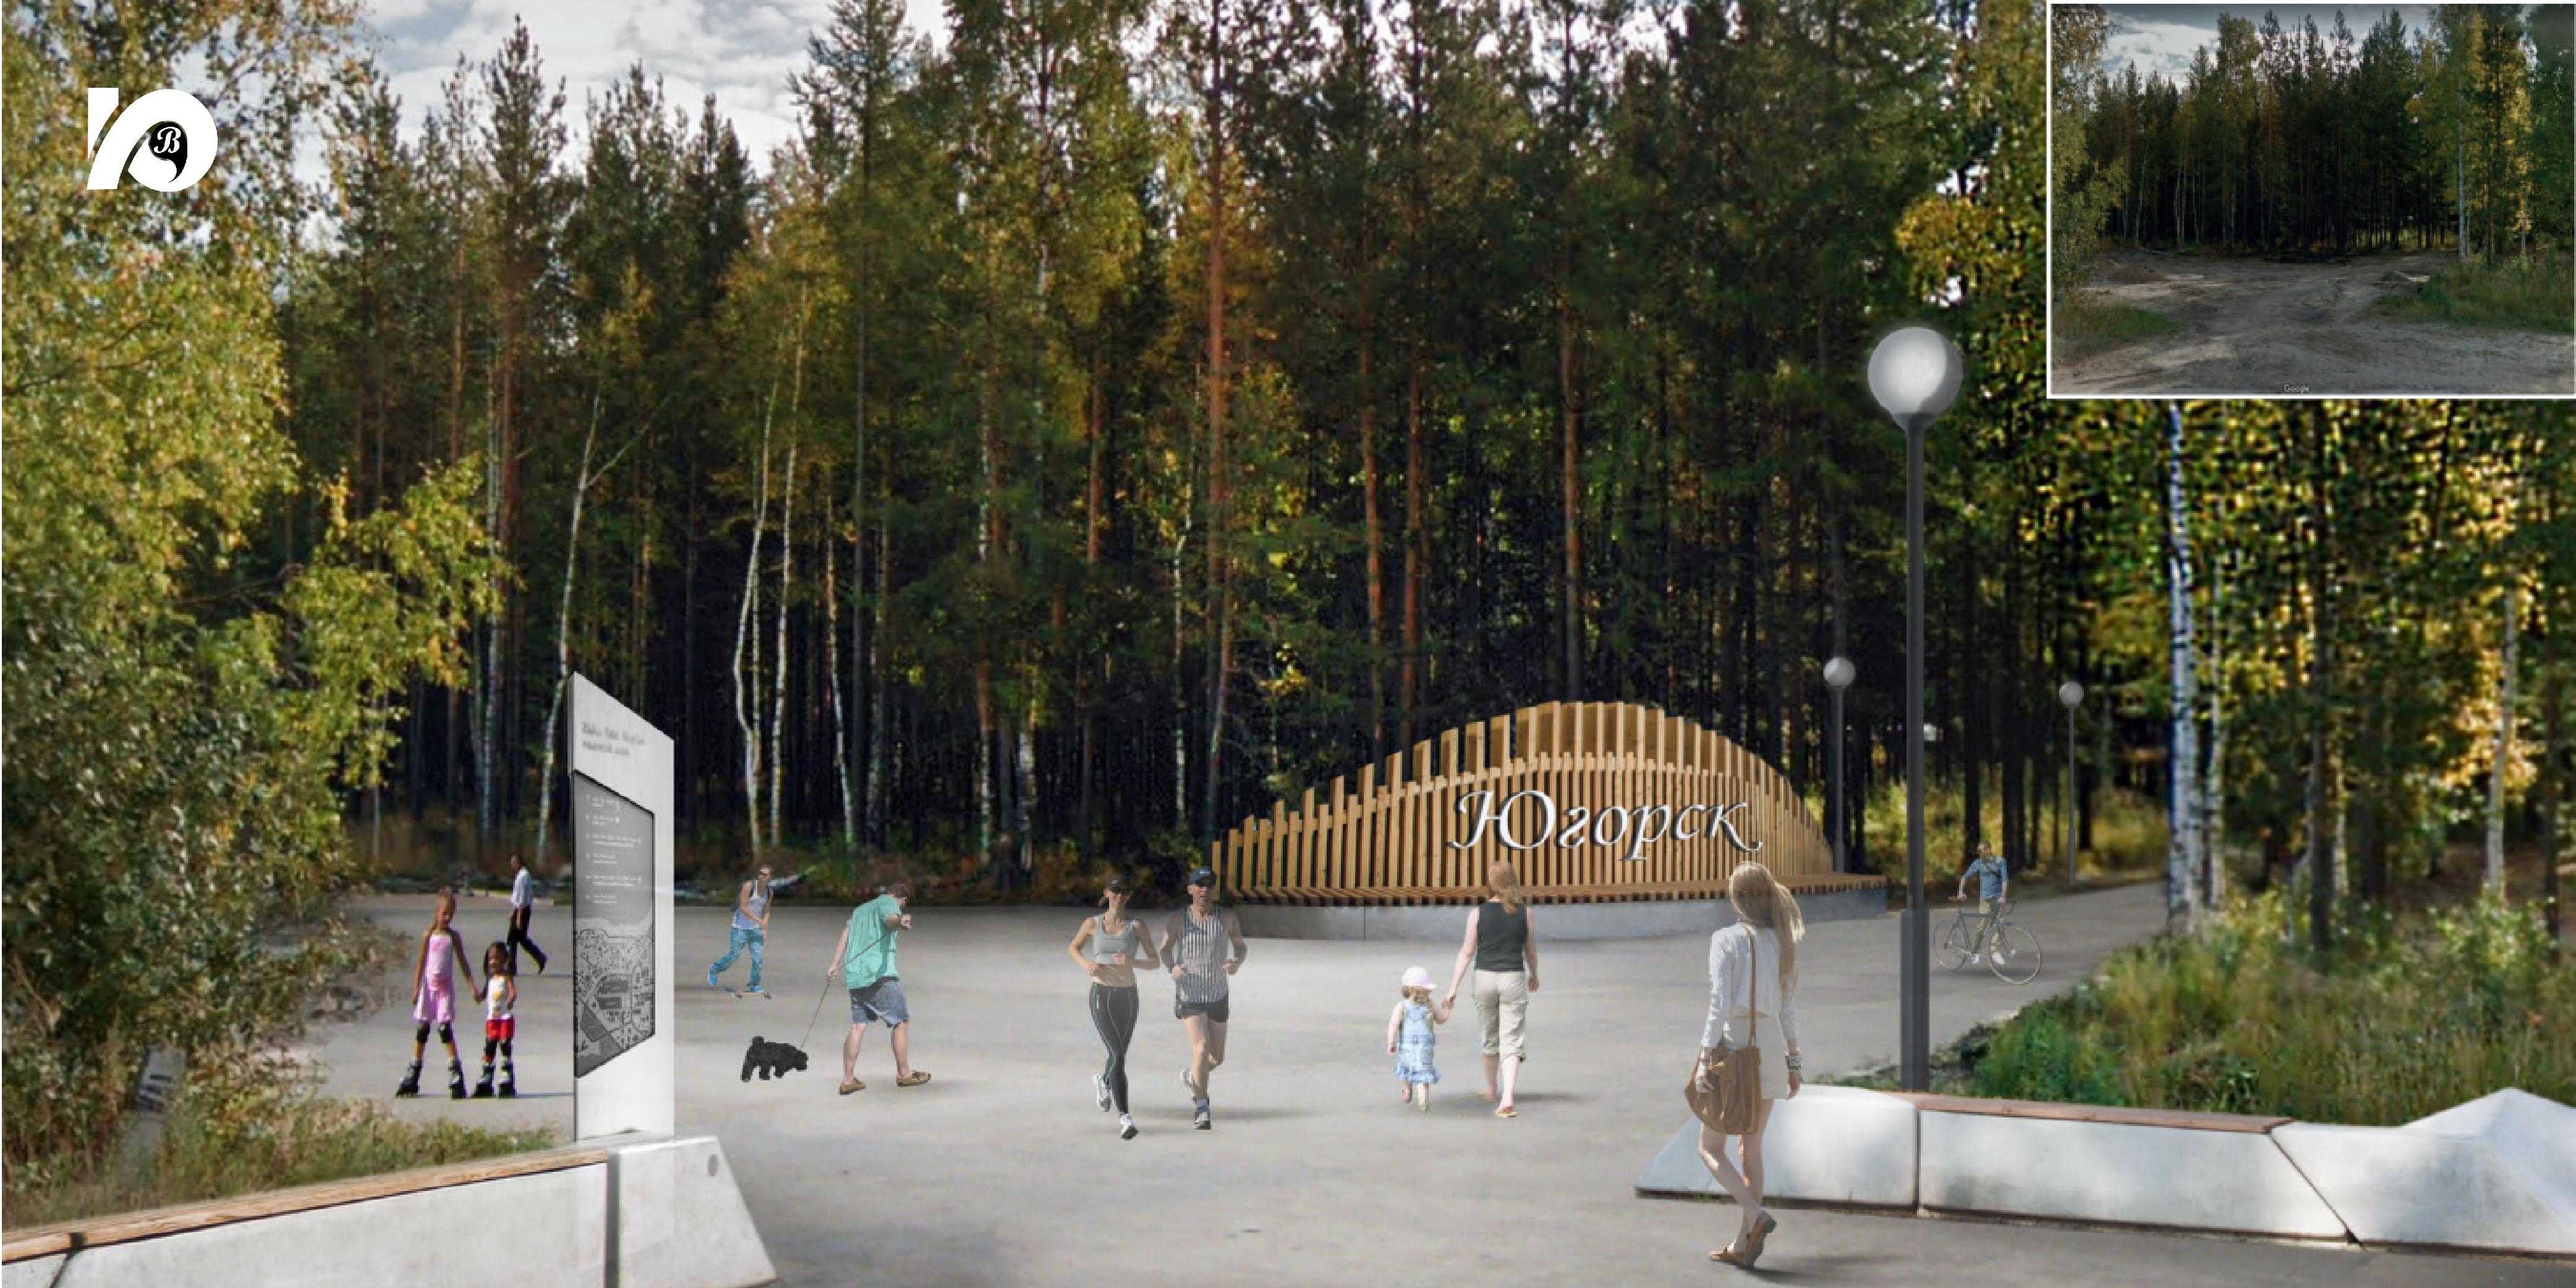 Во всероссийском голосовании приняли участие 84 региона. Проекты представили 1 463 муниципалитета. На платформу za.gorodsreda.ru было загружено 5 877 объектов для голосования, в том числе и два из города Югорска: парк на Менделеева и сквер на ул. Октябрьской.